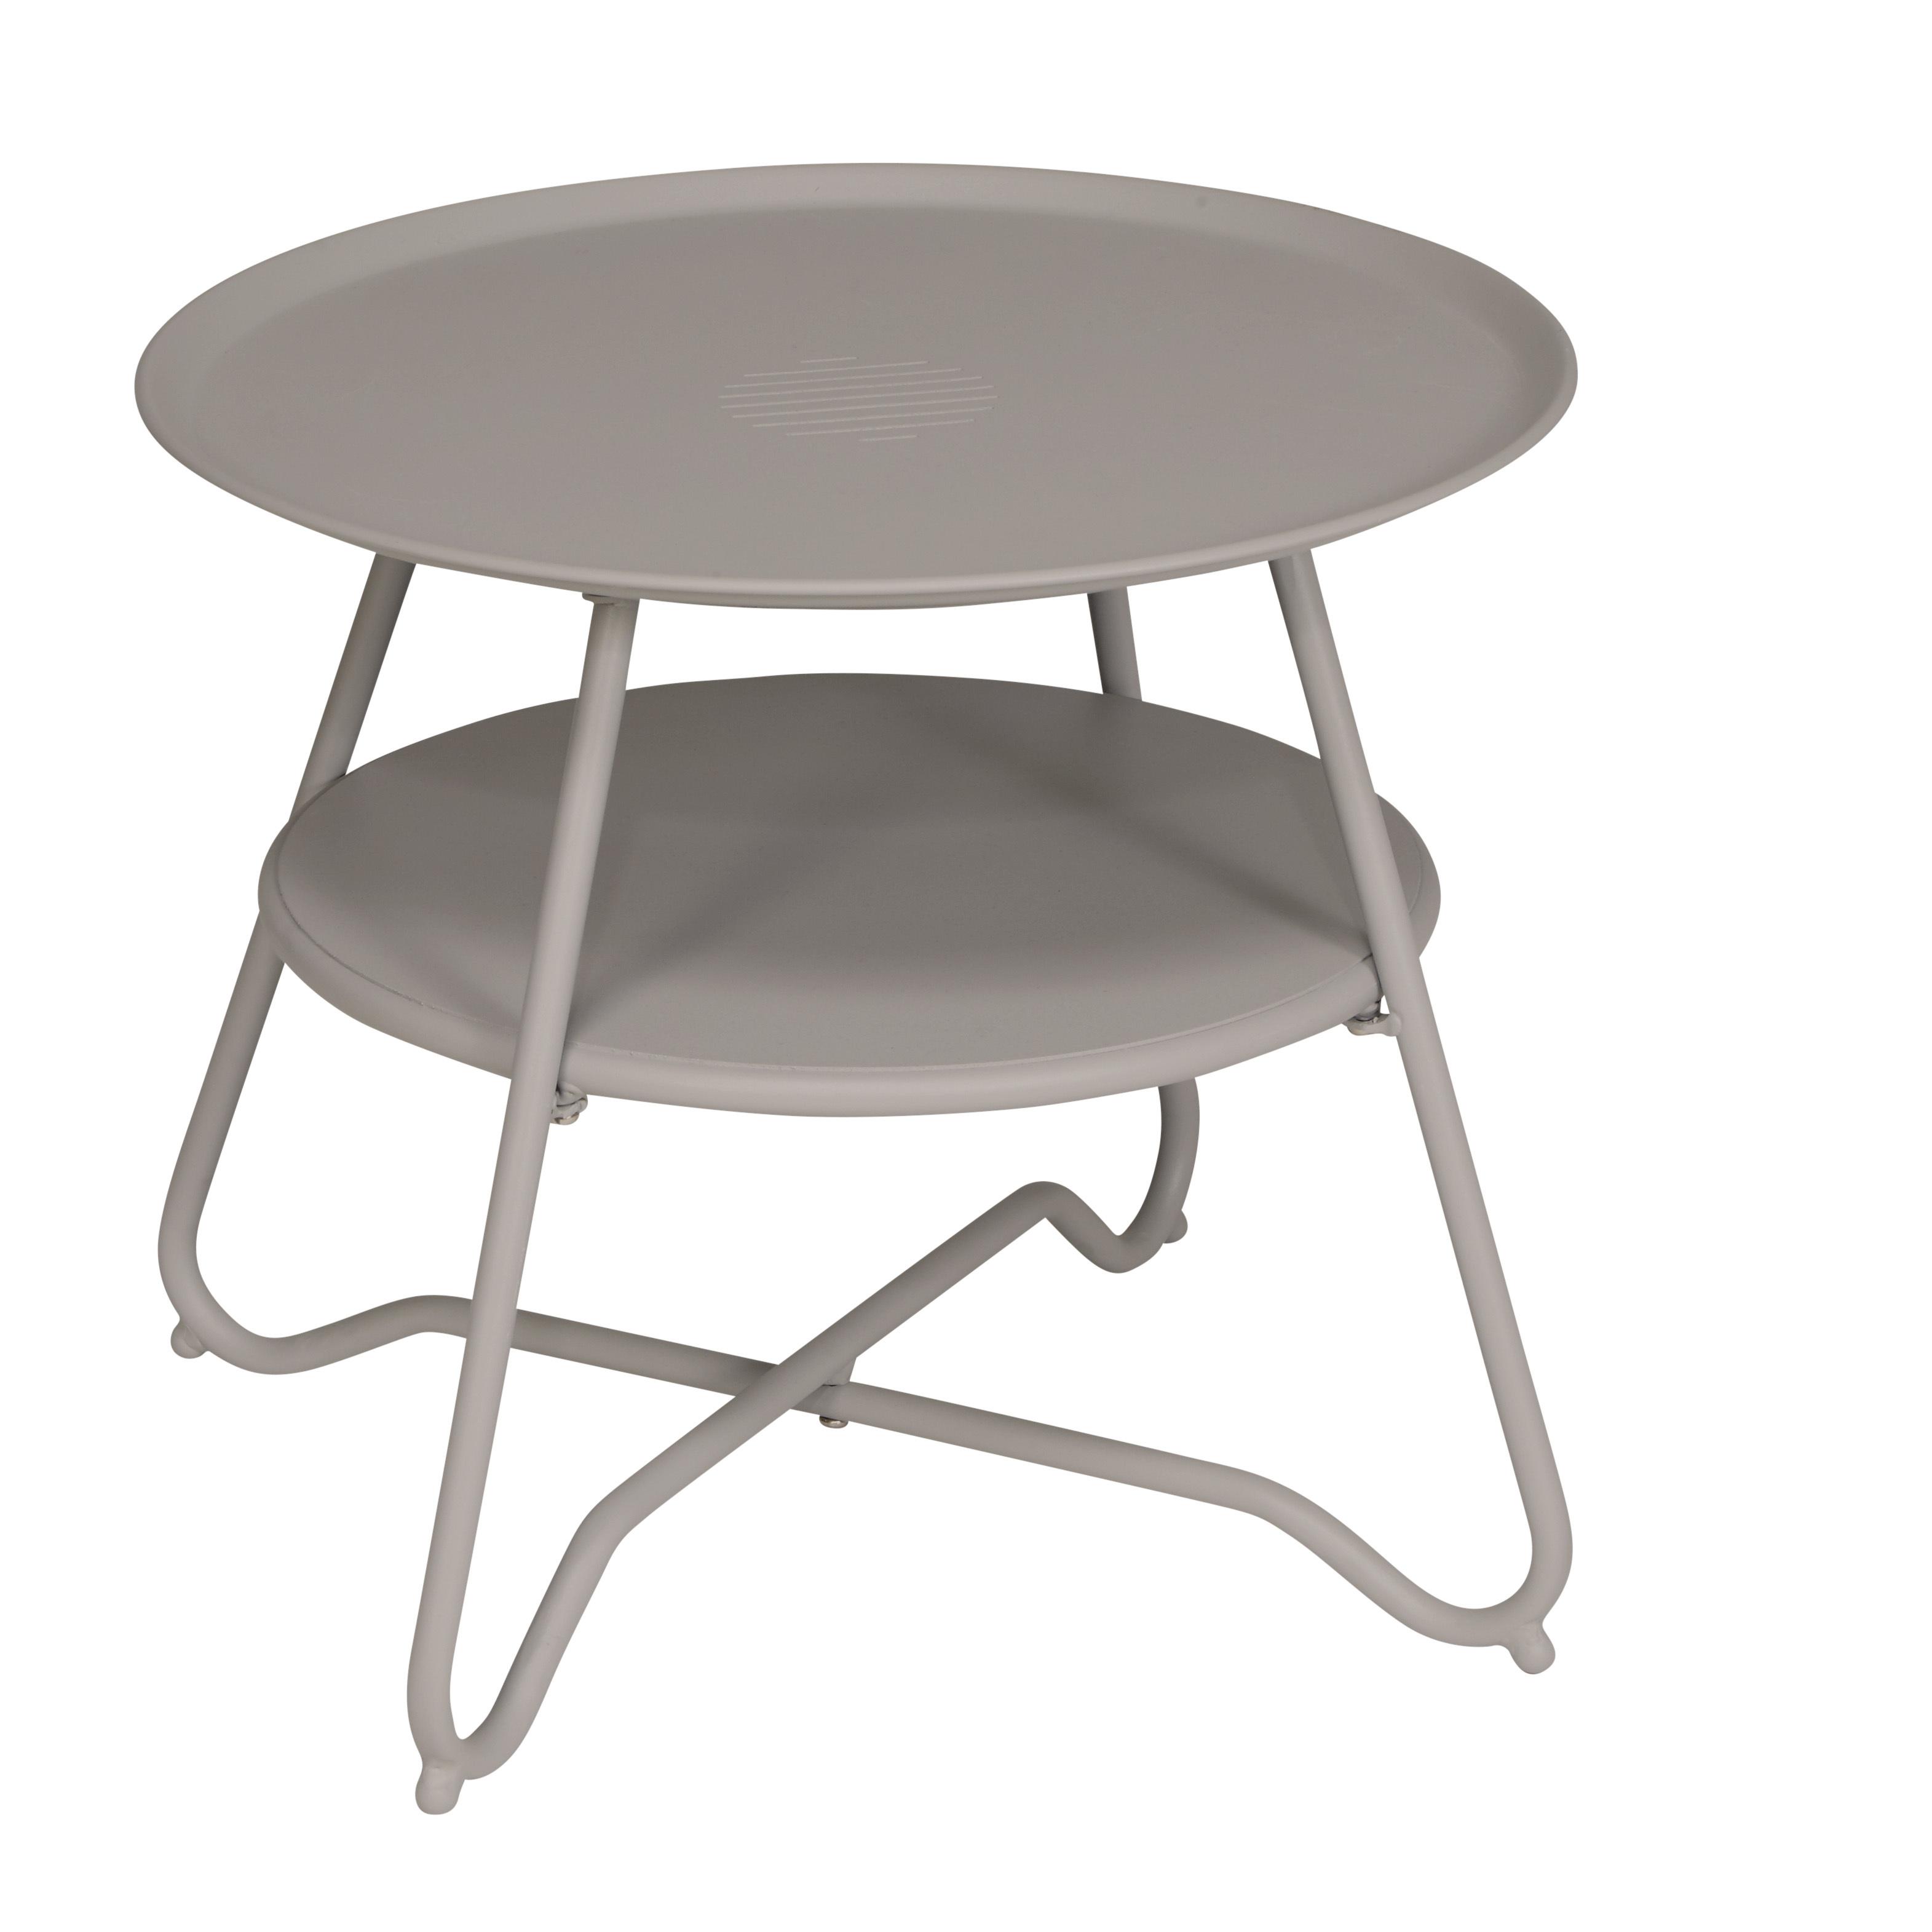 Hyba Table Basse De Jardin Alu 151 Taupe Ltff7823 Pas Cher  # Table De Jardin Hyba